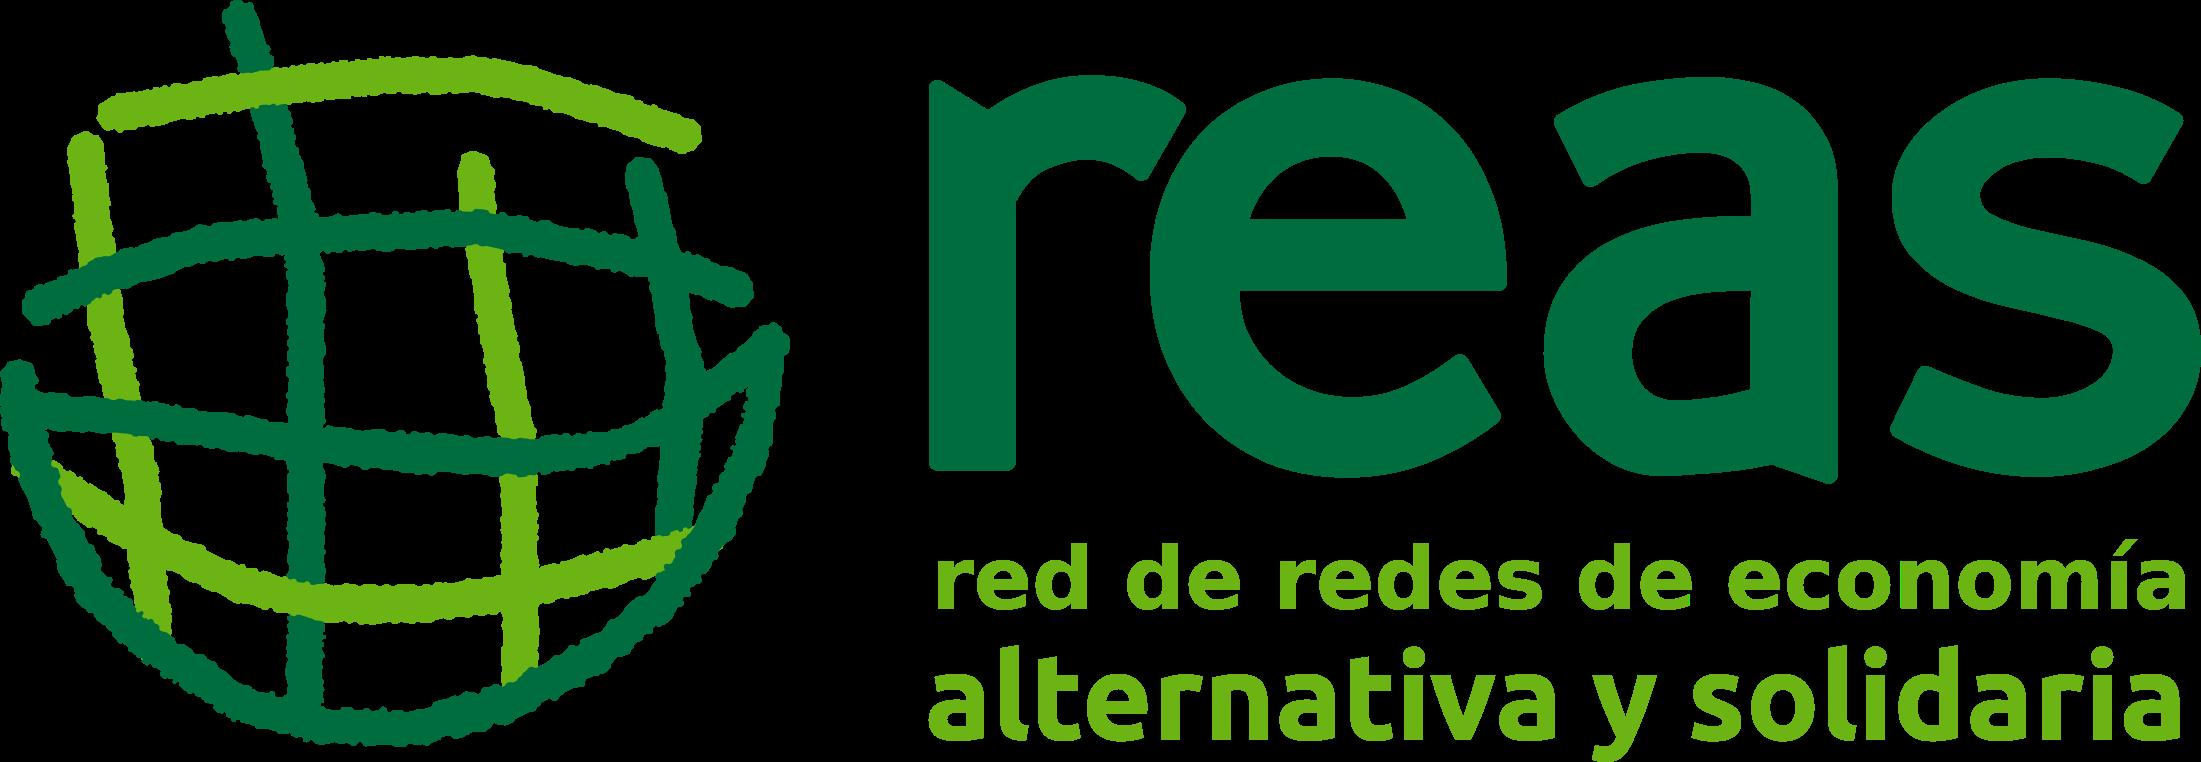 Red de Economia Alternativa y Solidaria (REAS-Andalucia)